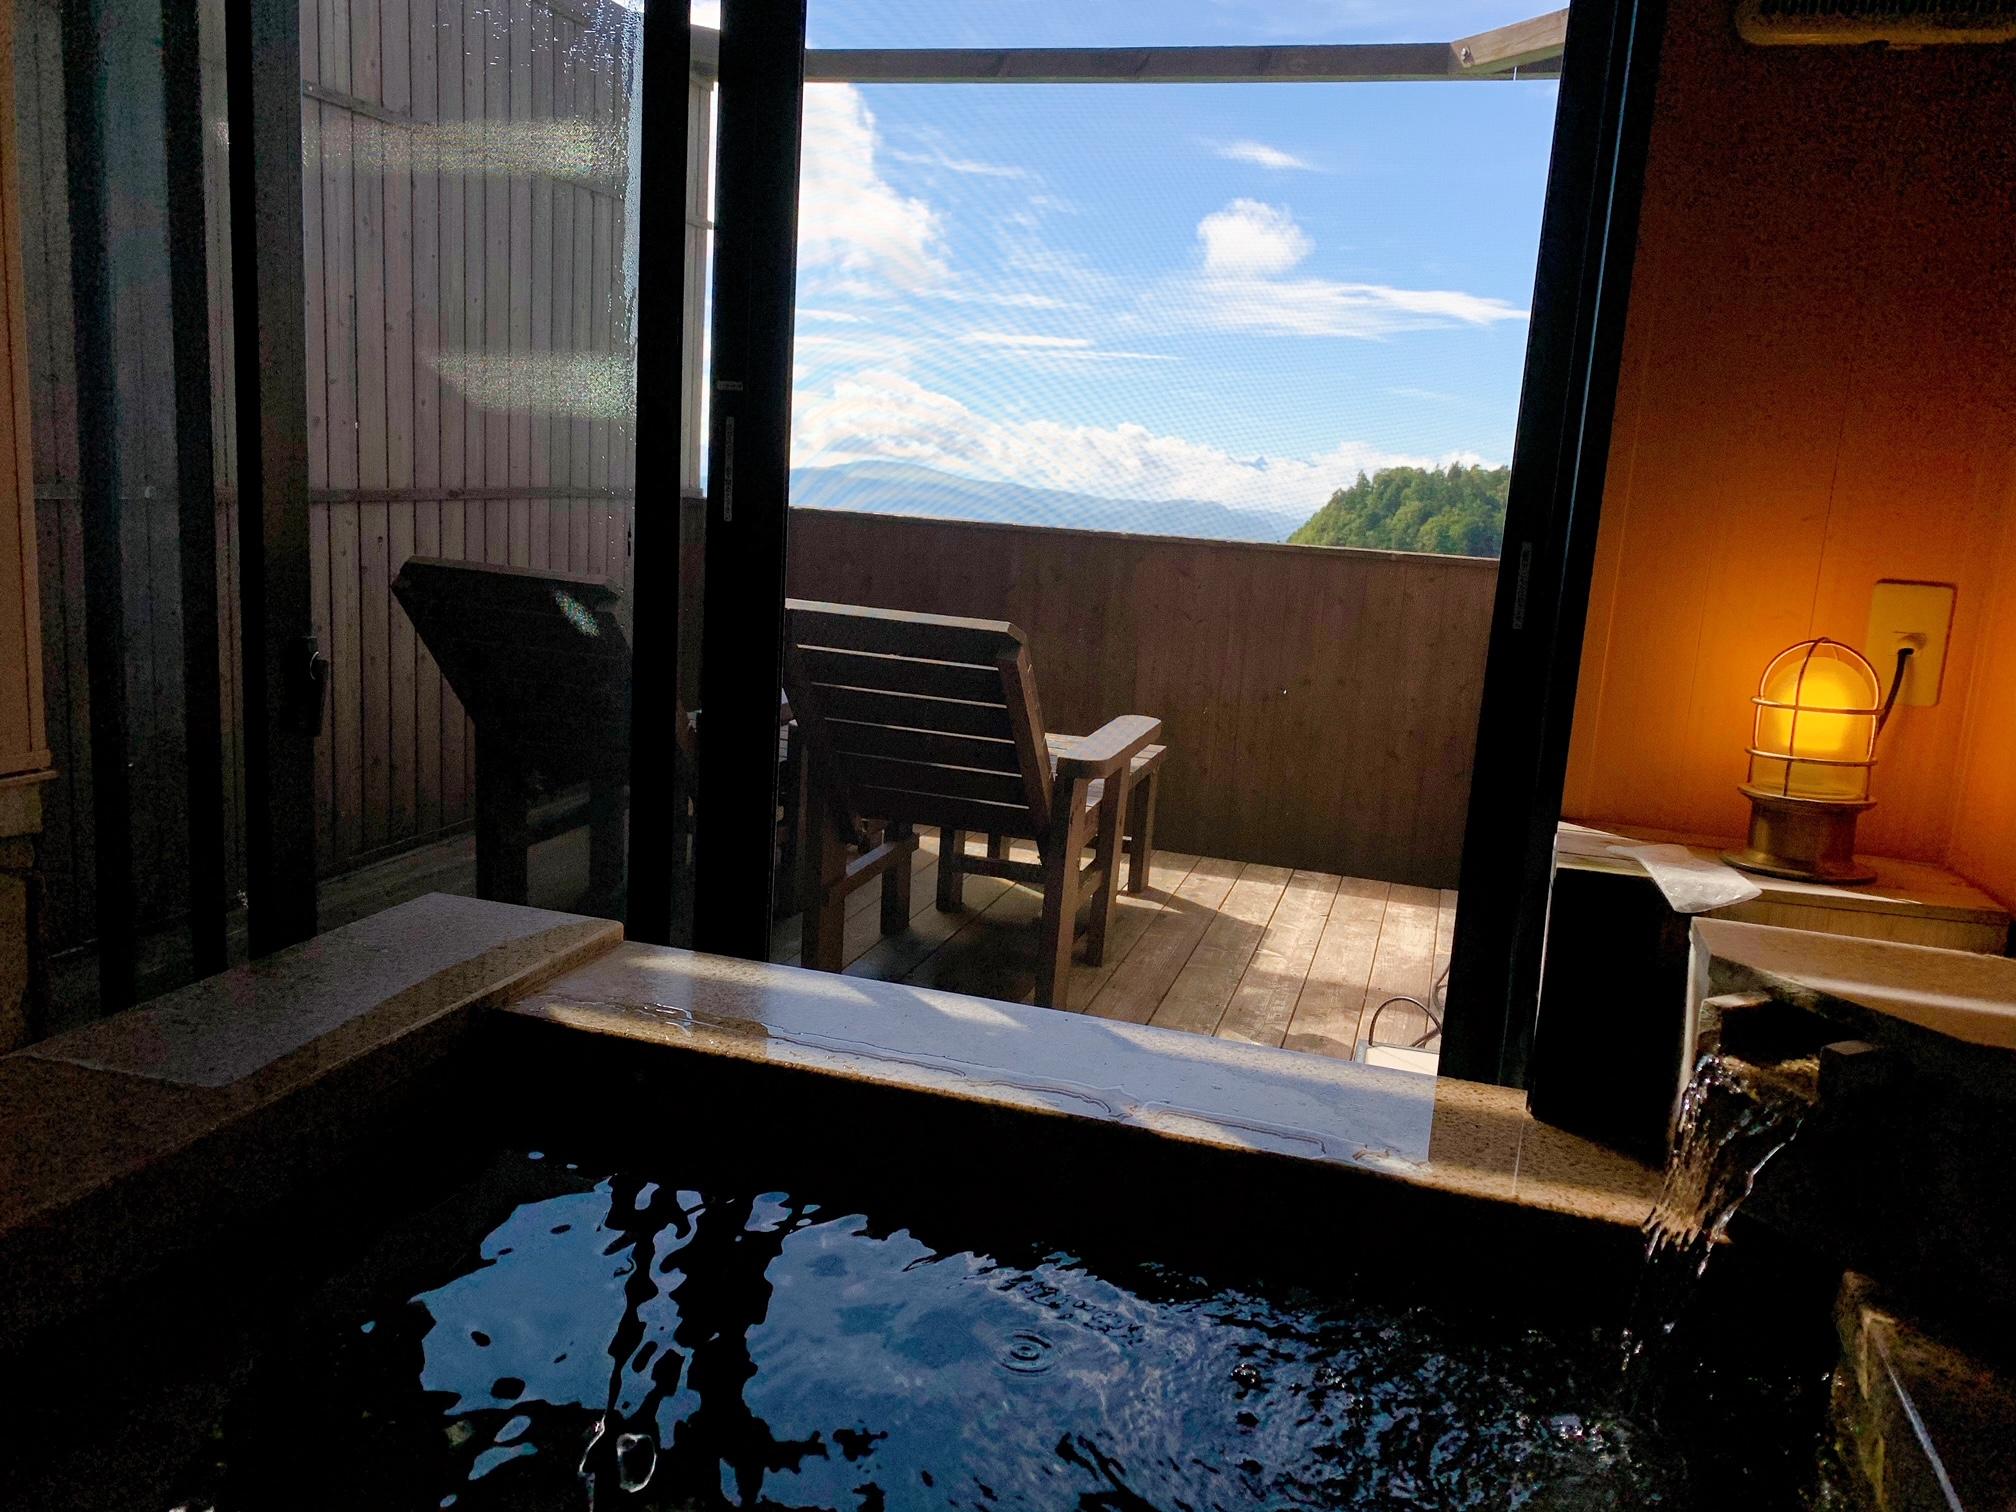 【絶景宿】《満天の星空》に出会えるツアーと《貸切半露天風呂》に癒される標高2000mの宿♡_4